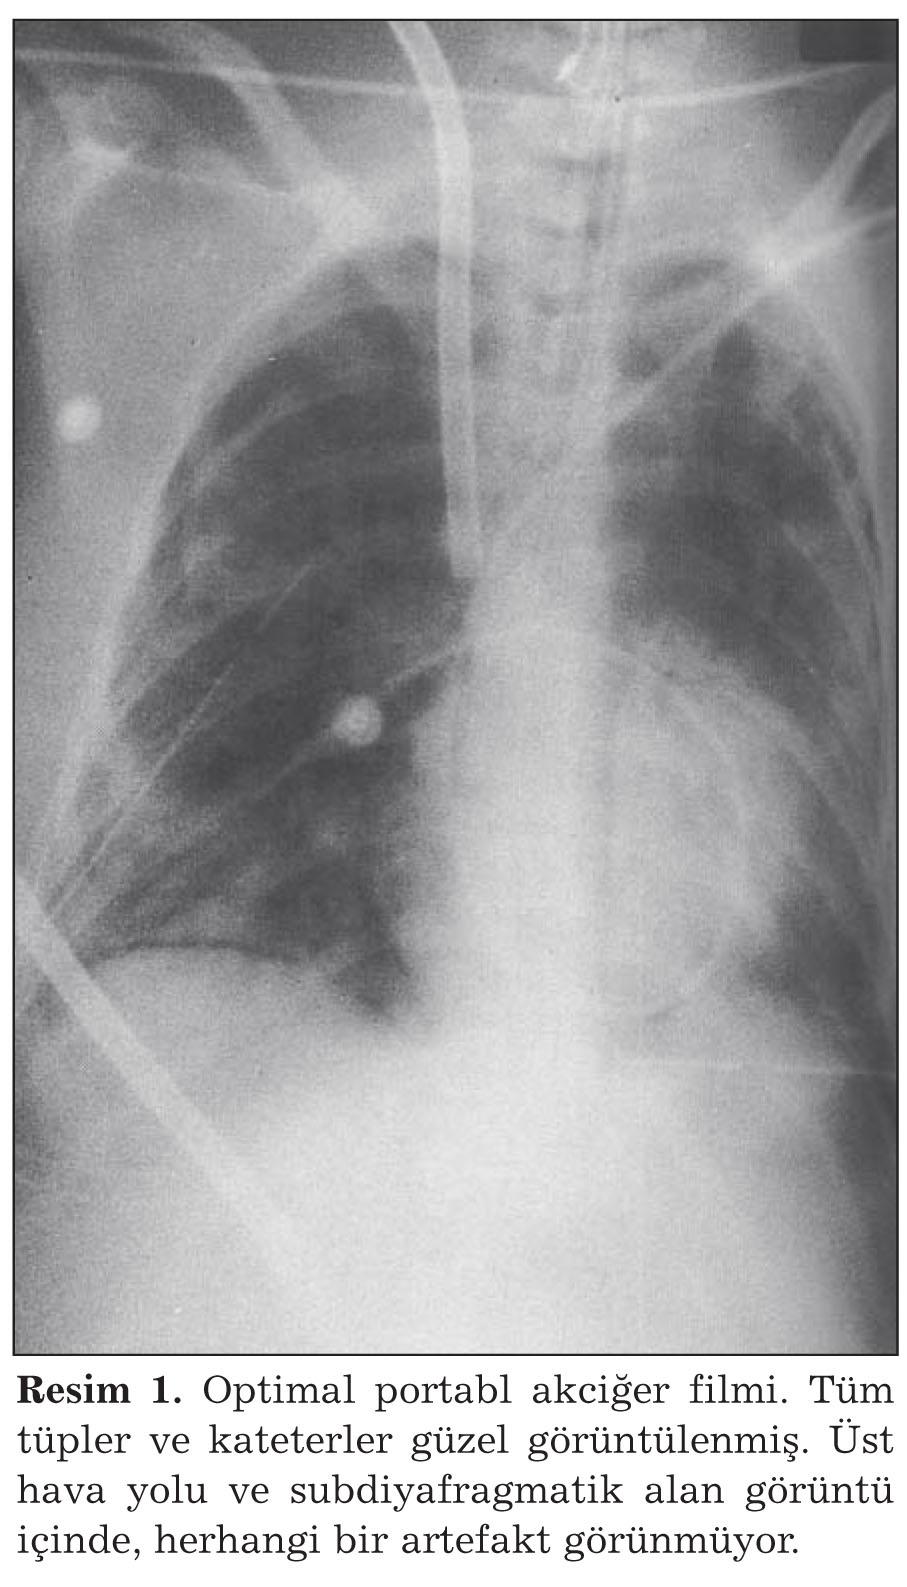 Pnömotoraks akciğer: nedenler, semptomlar ve ilk yardım